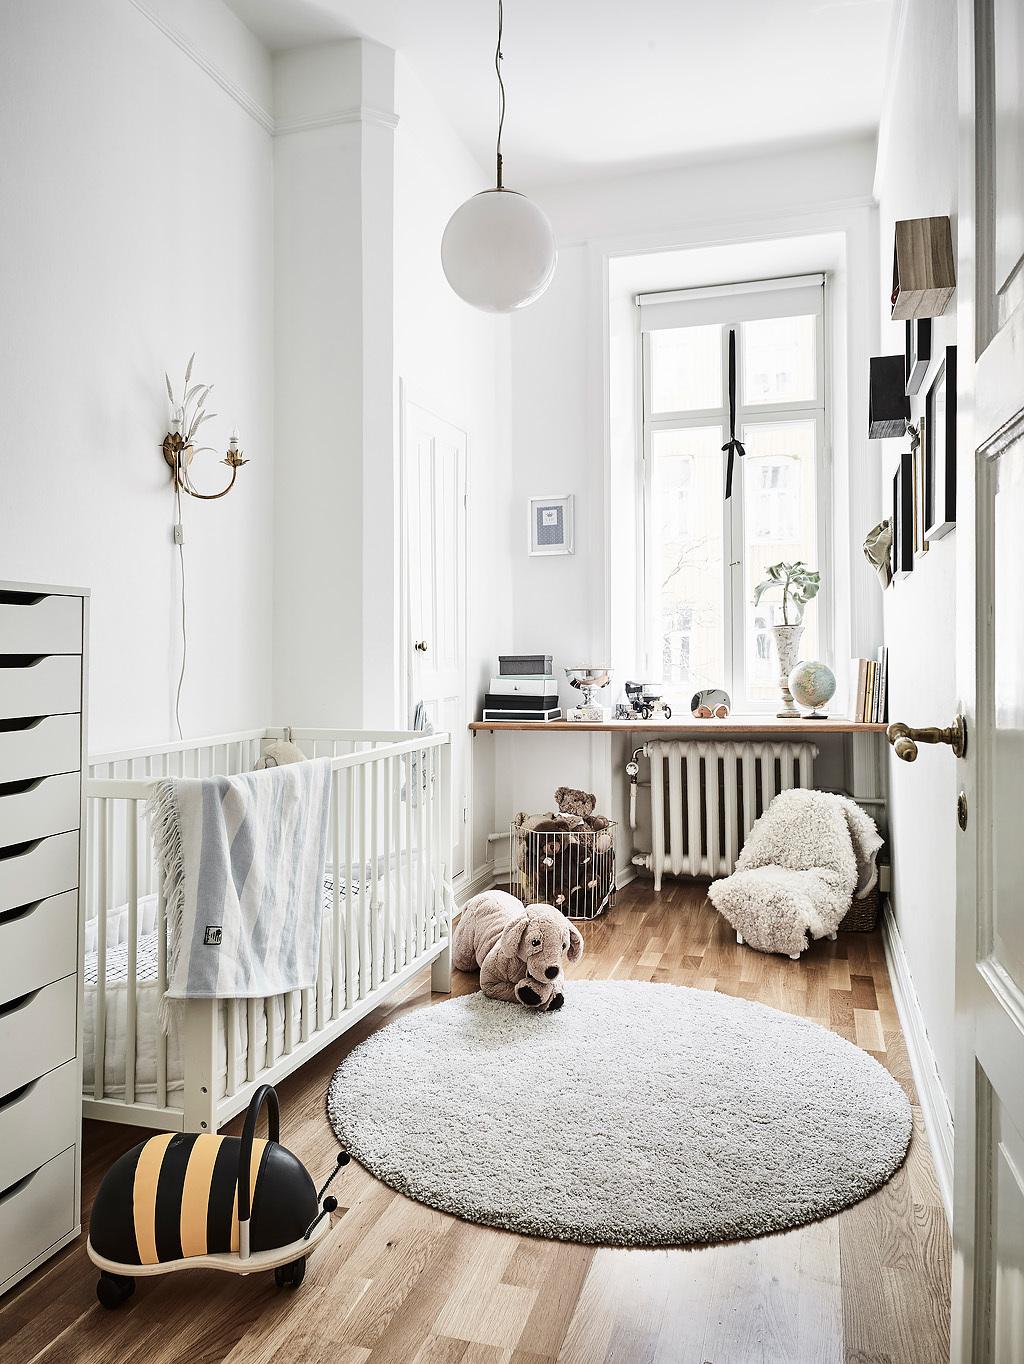 Scandinavian baby bedding